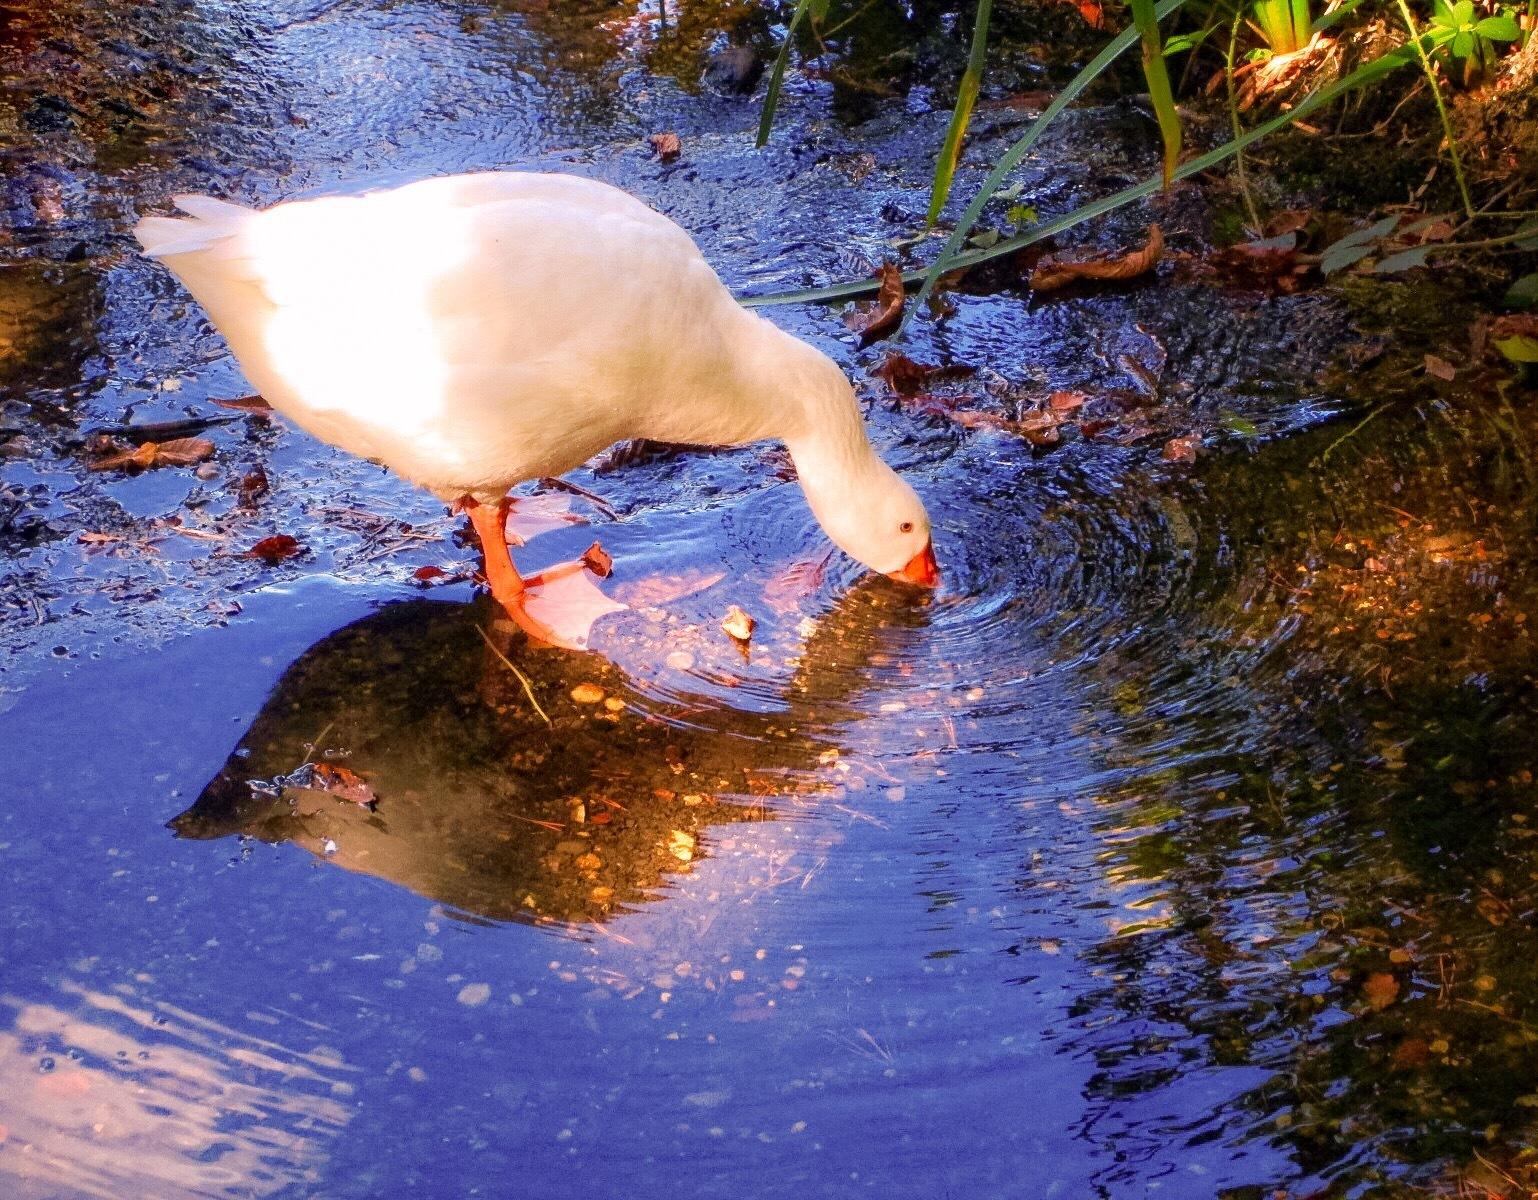 A loose goose